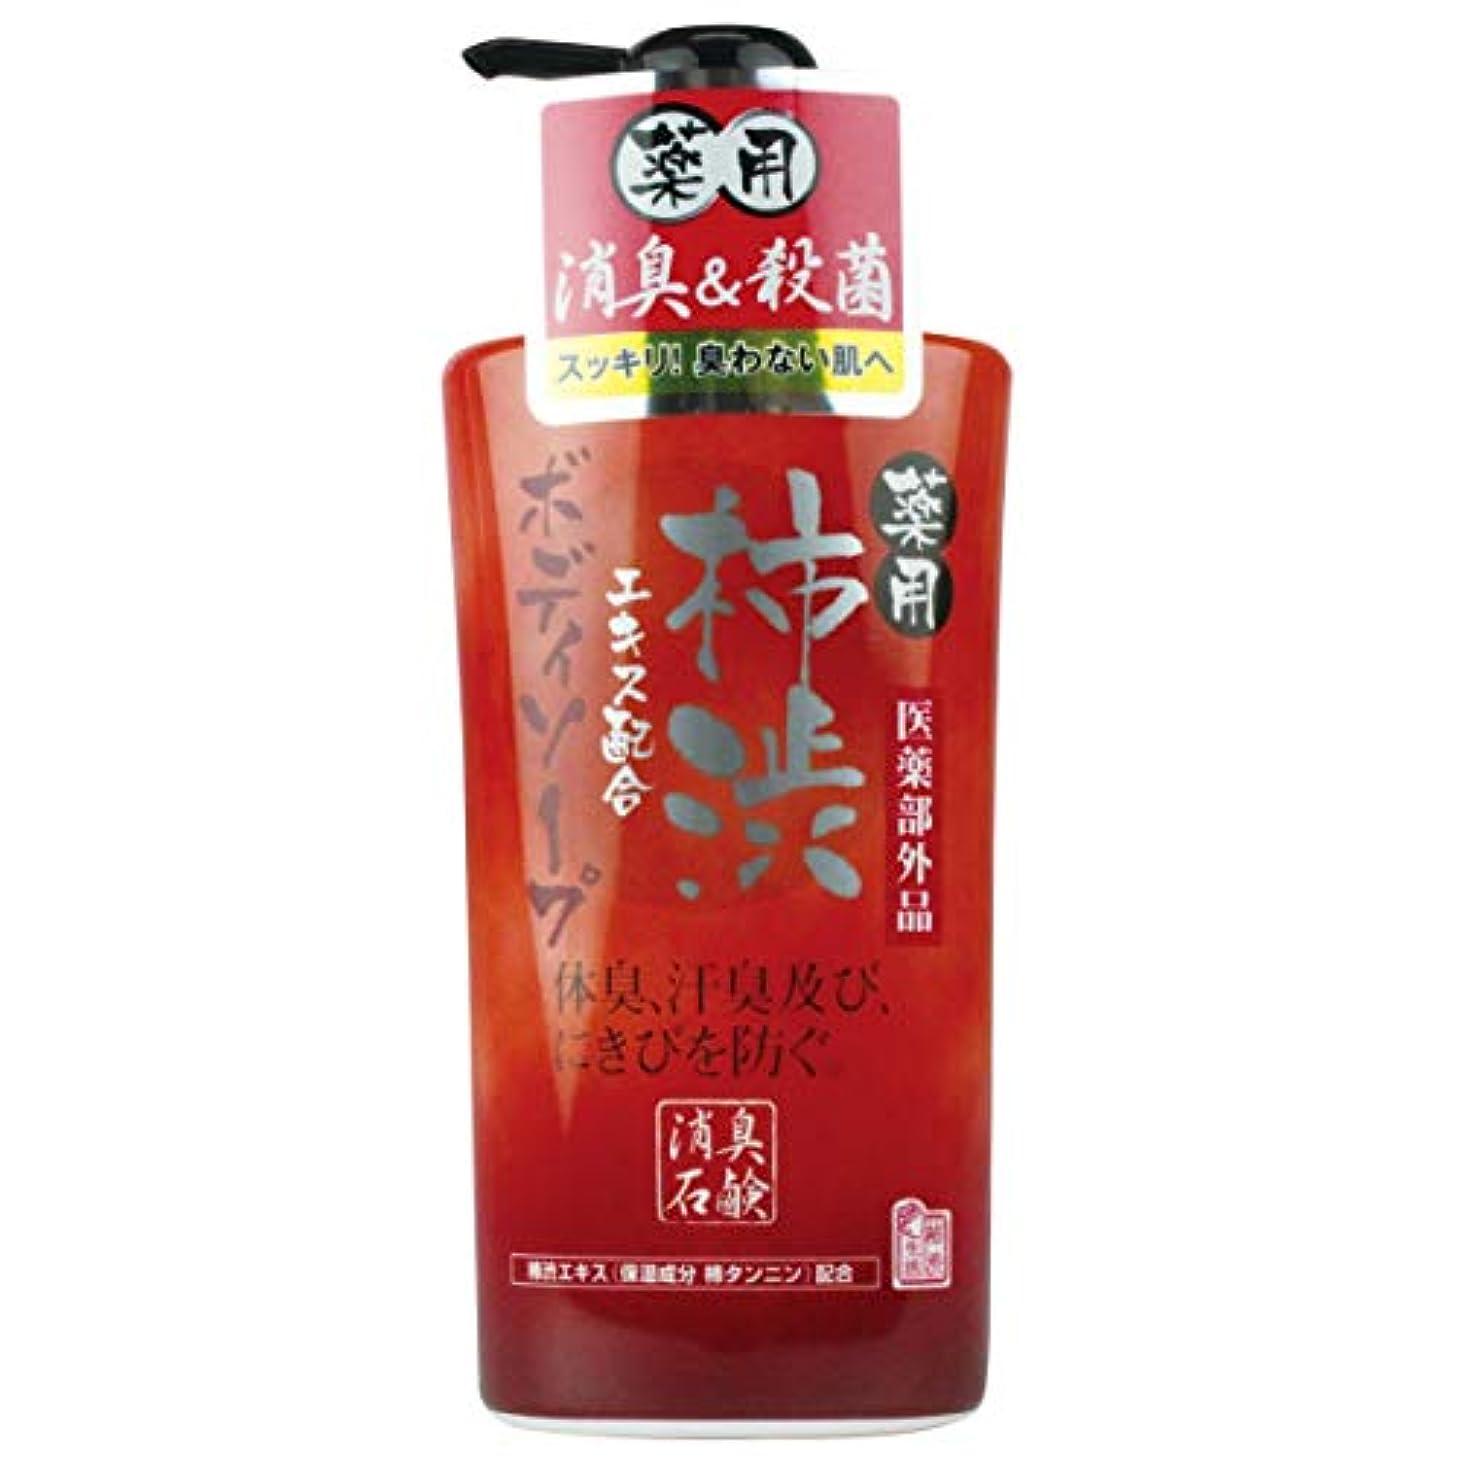 速報びっくりする硬化する薬用柿渋 ボディソープ 550mL 【医薬部外品】